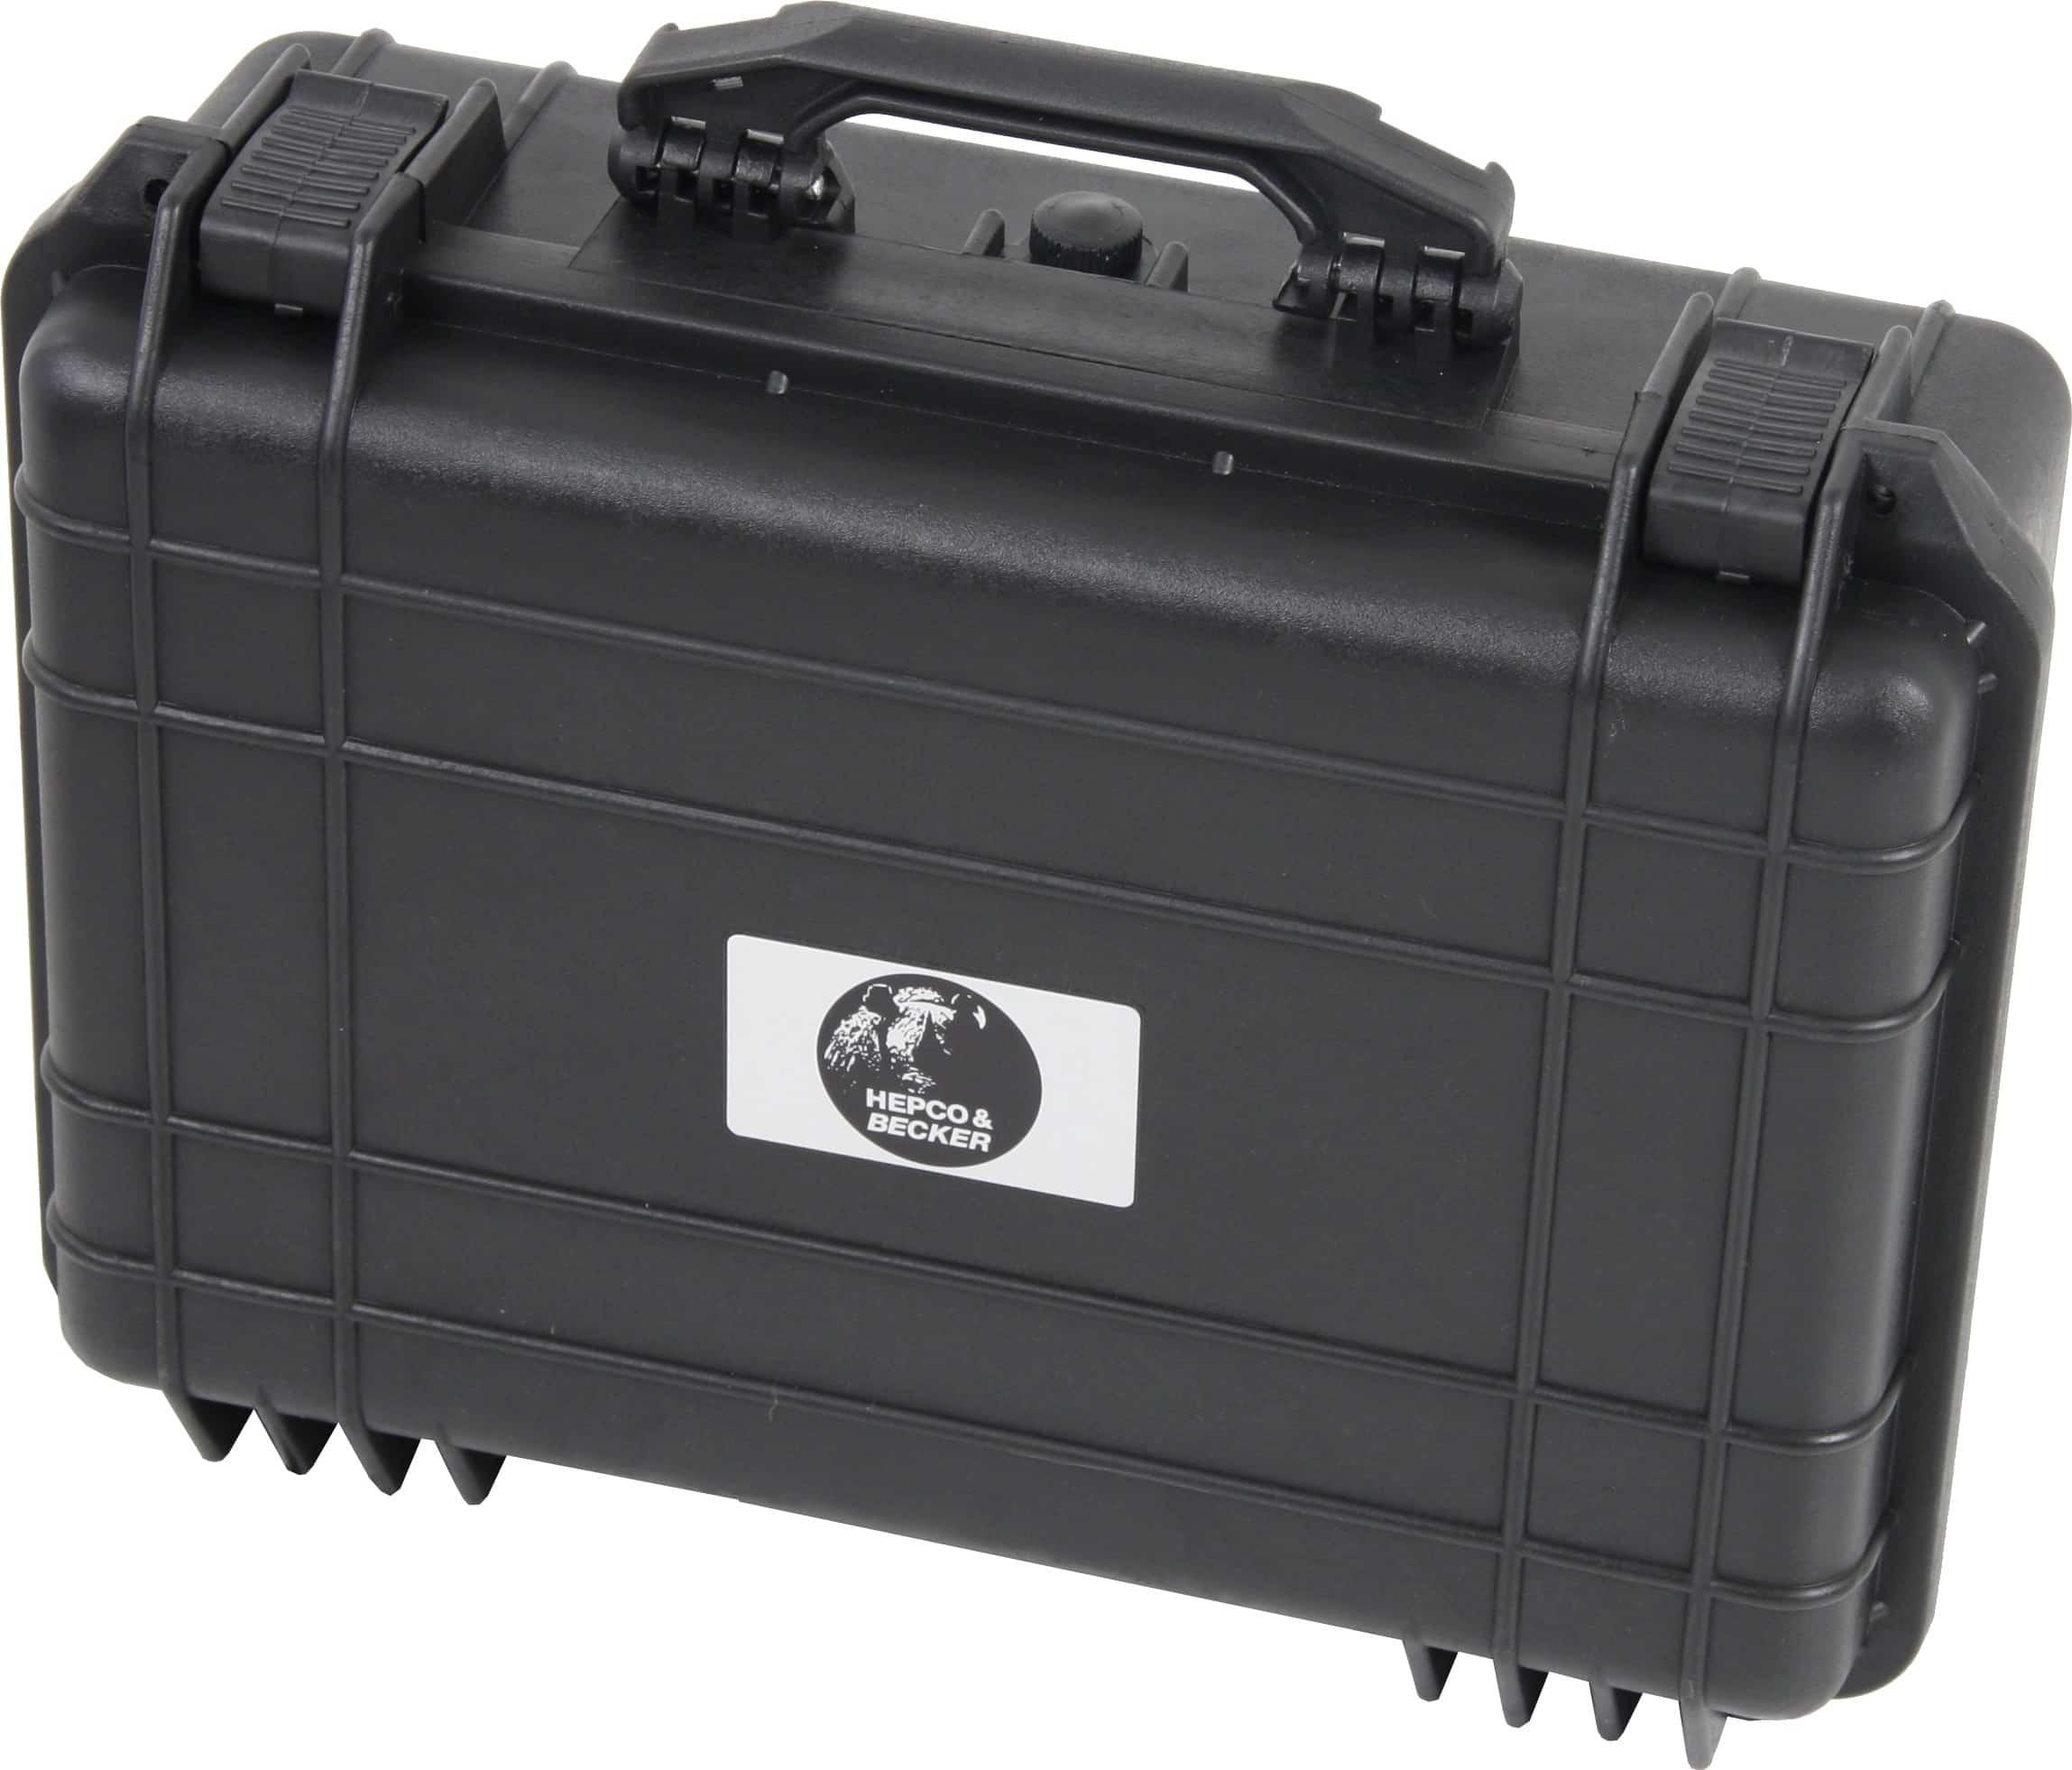 Wasserdichter Werkzeugkoffer Solid 18 ltr. 5610 Leerkoffer